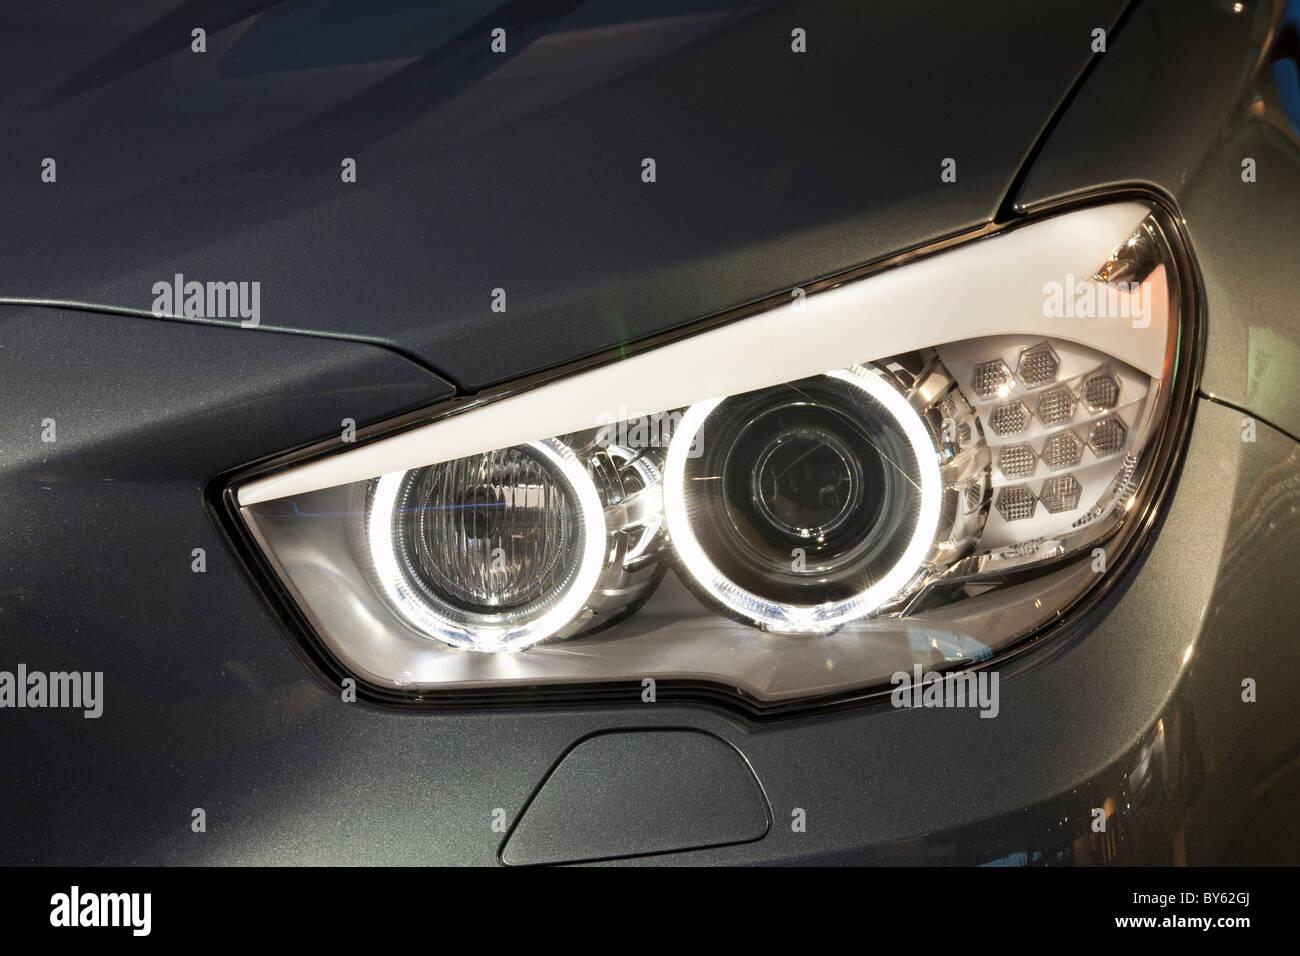 Phares à DEL sur une voiture BMW Photo Stock